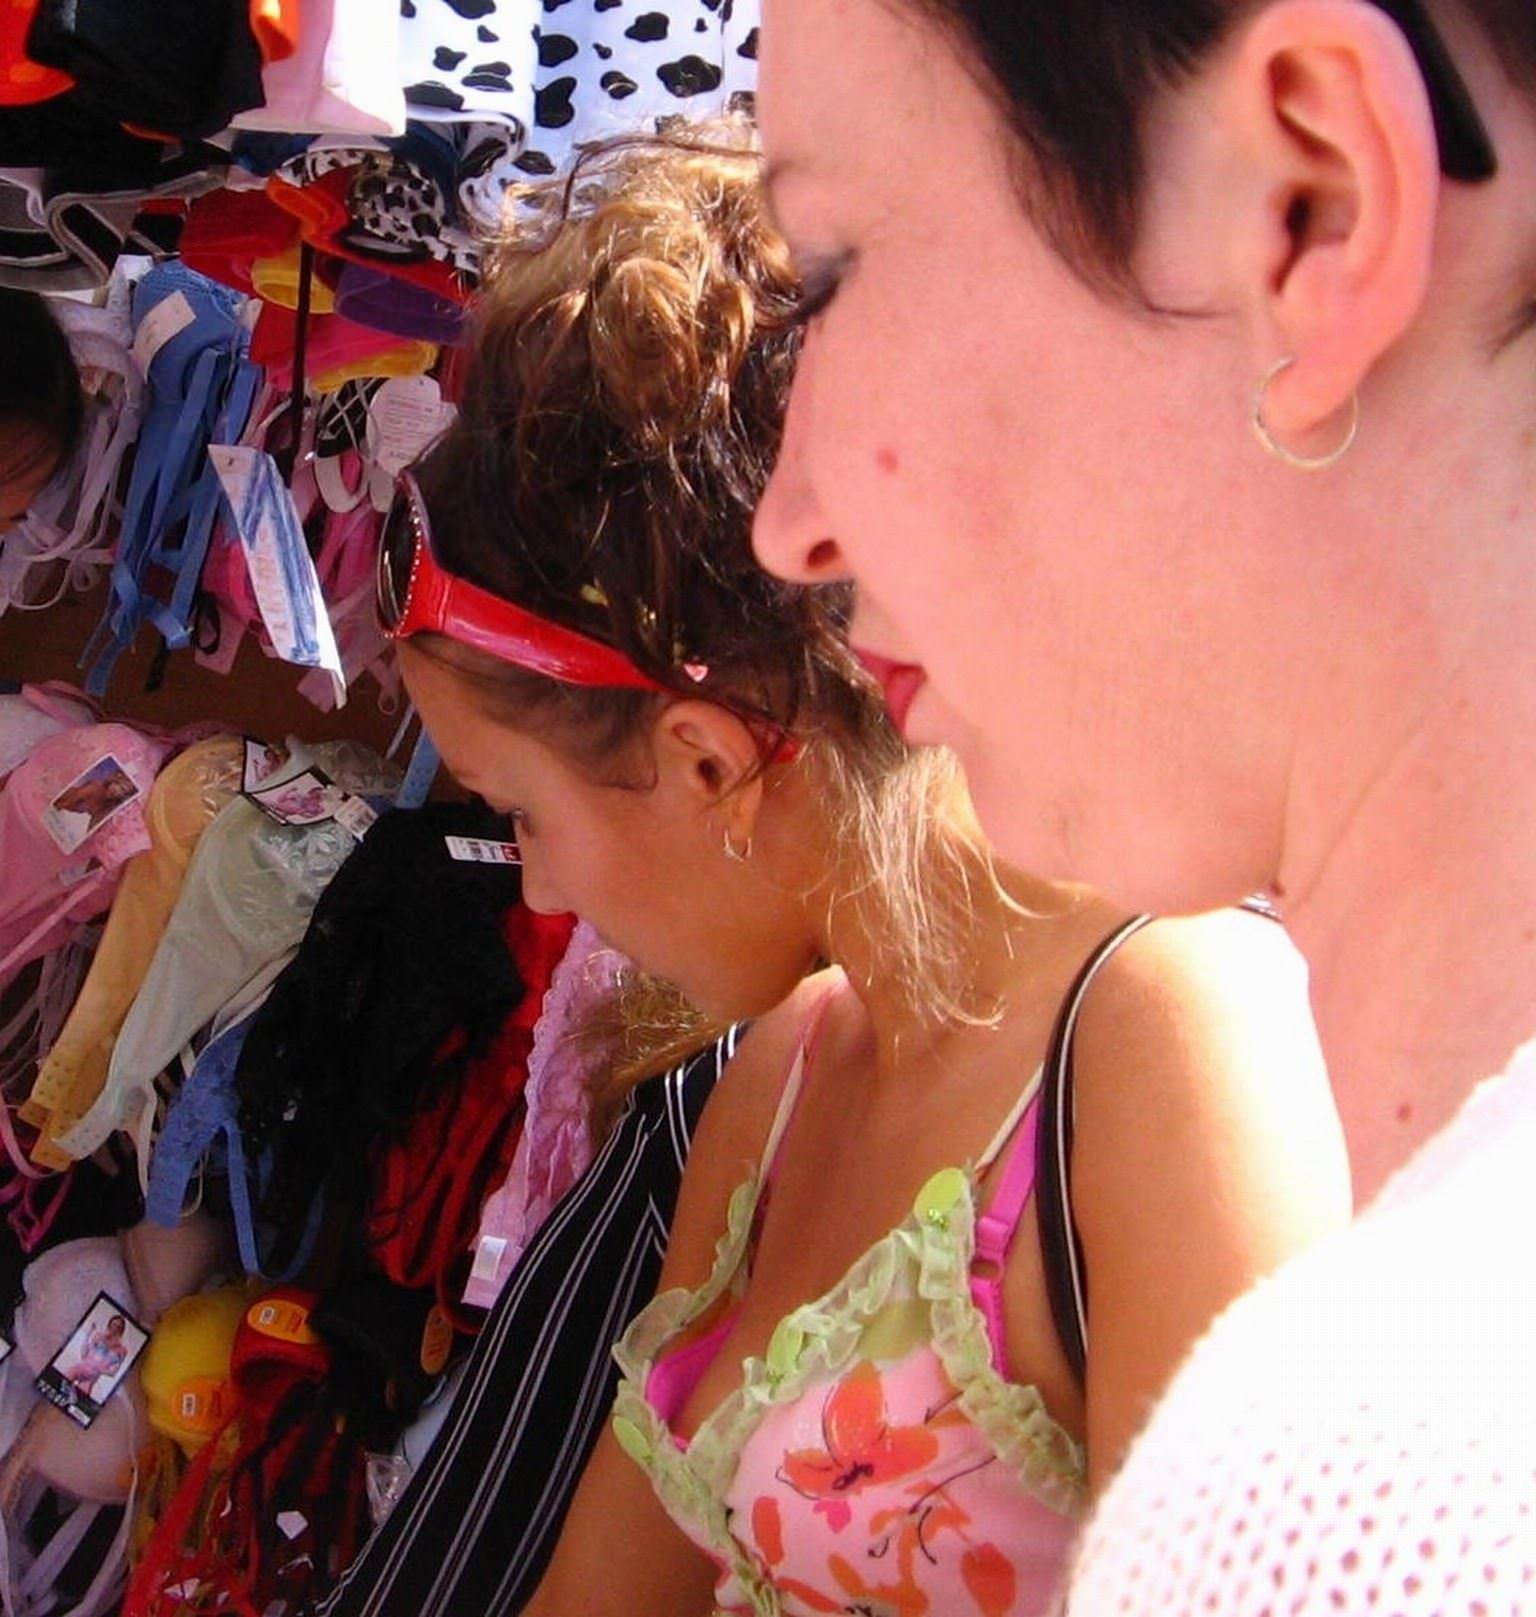 【外人】海外の素人娘たちの胸チラを激写した街撮りポルノ画像 3828